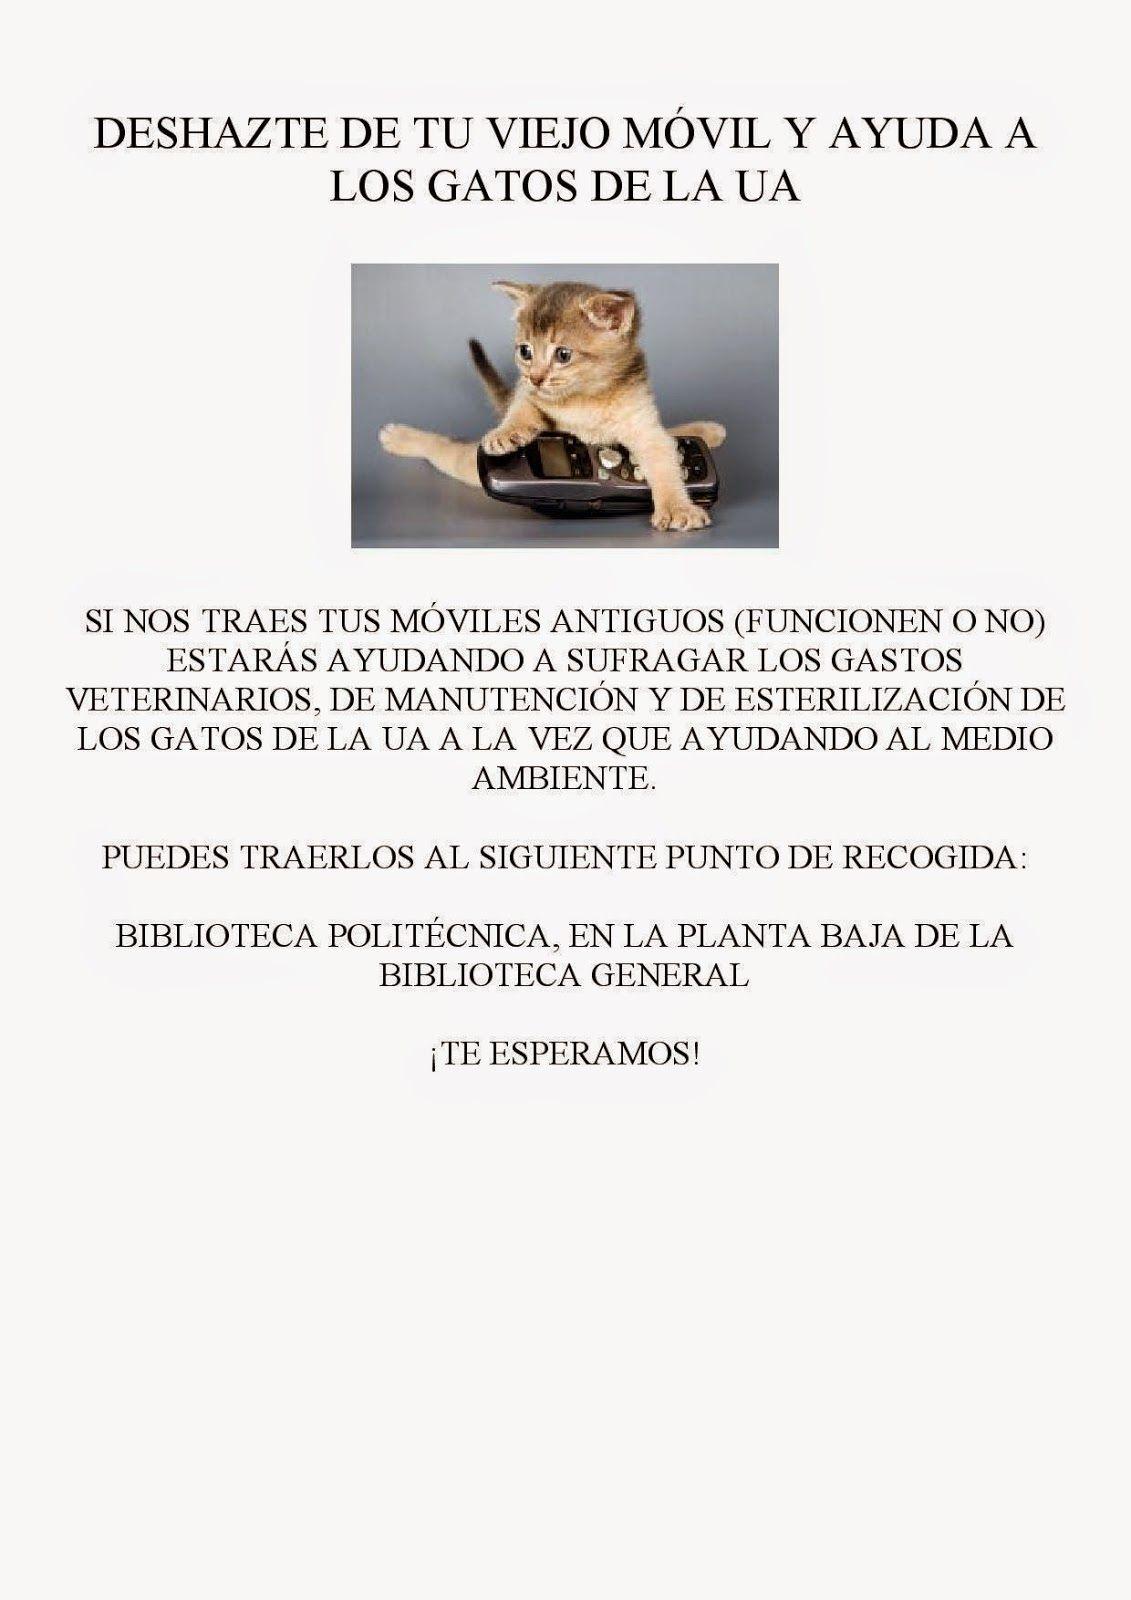 Gatos de la Universidad de Alicante: